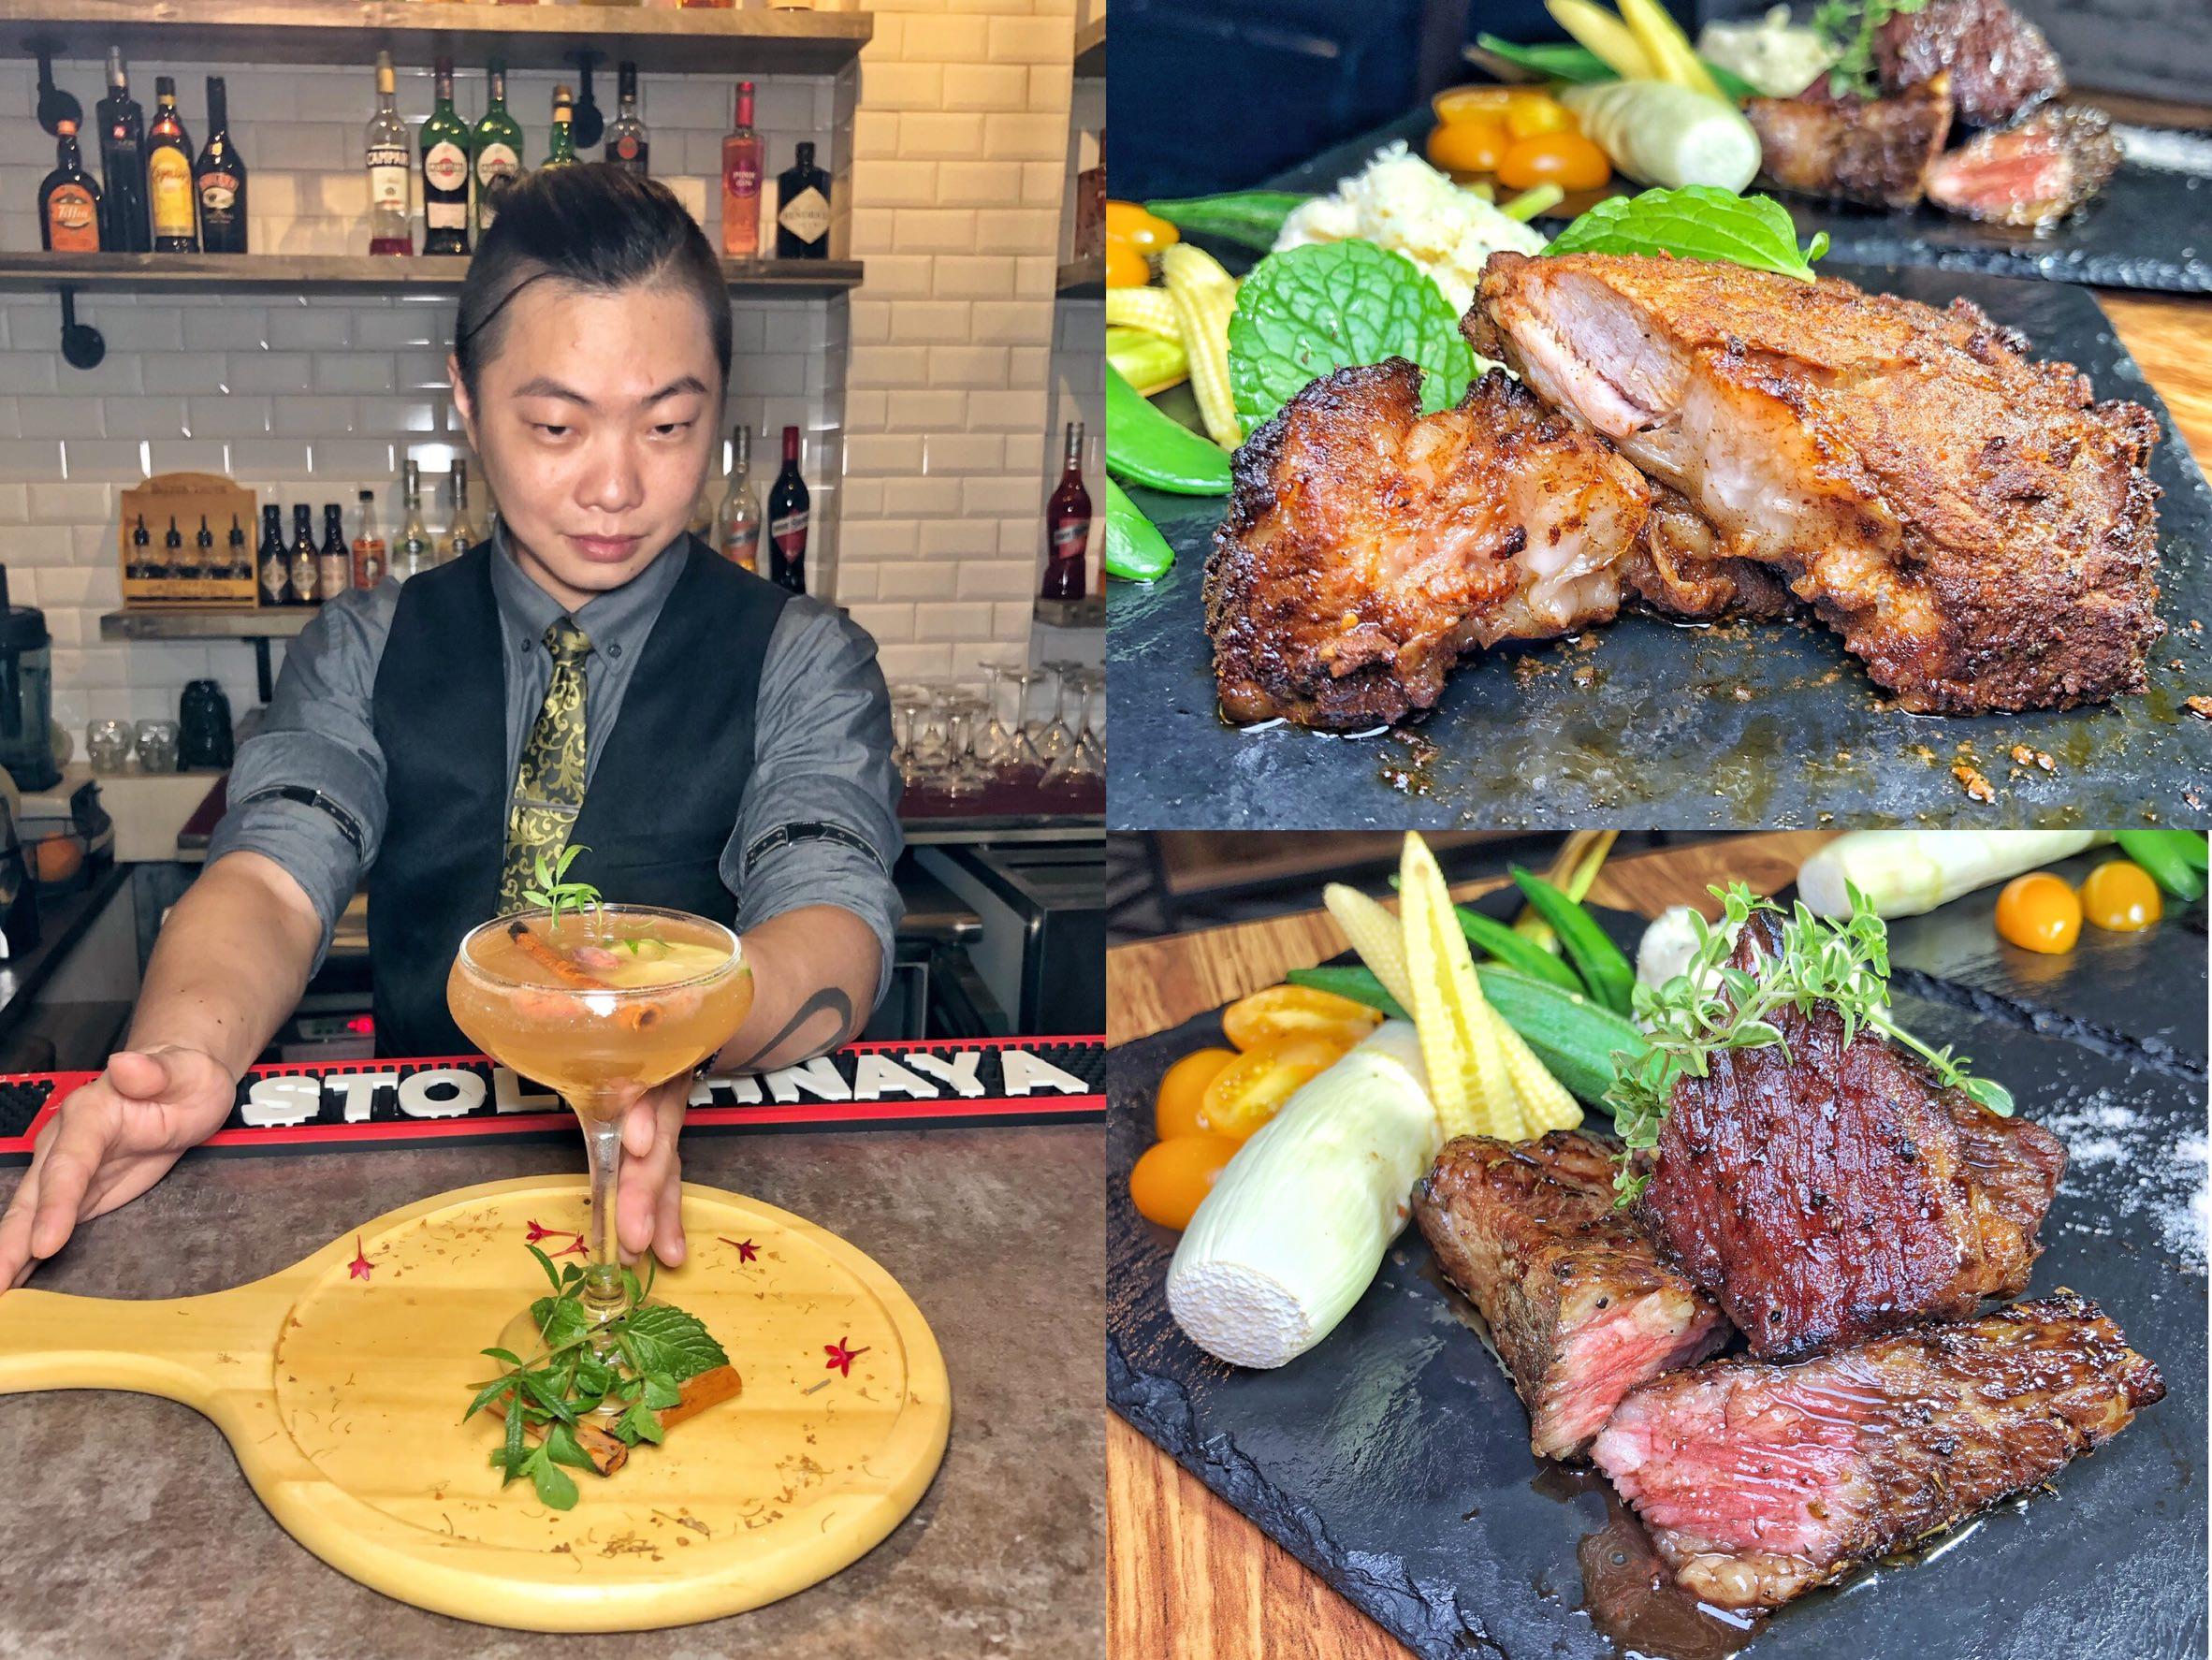 台南新店【JB餐酒館】4/27正式開幕 擁有專業調酒&經典舒肥料理 來JB享受微醺迷人的夜晚吧